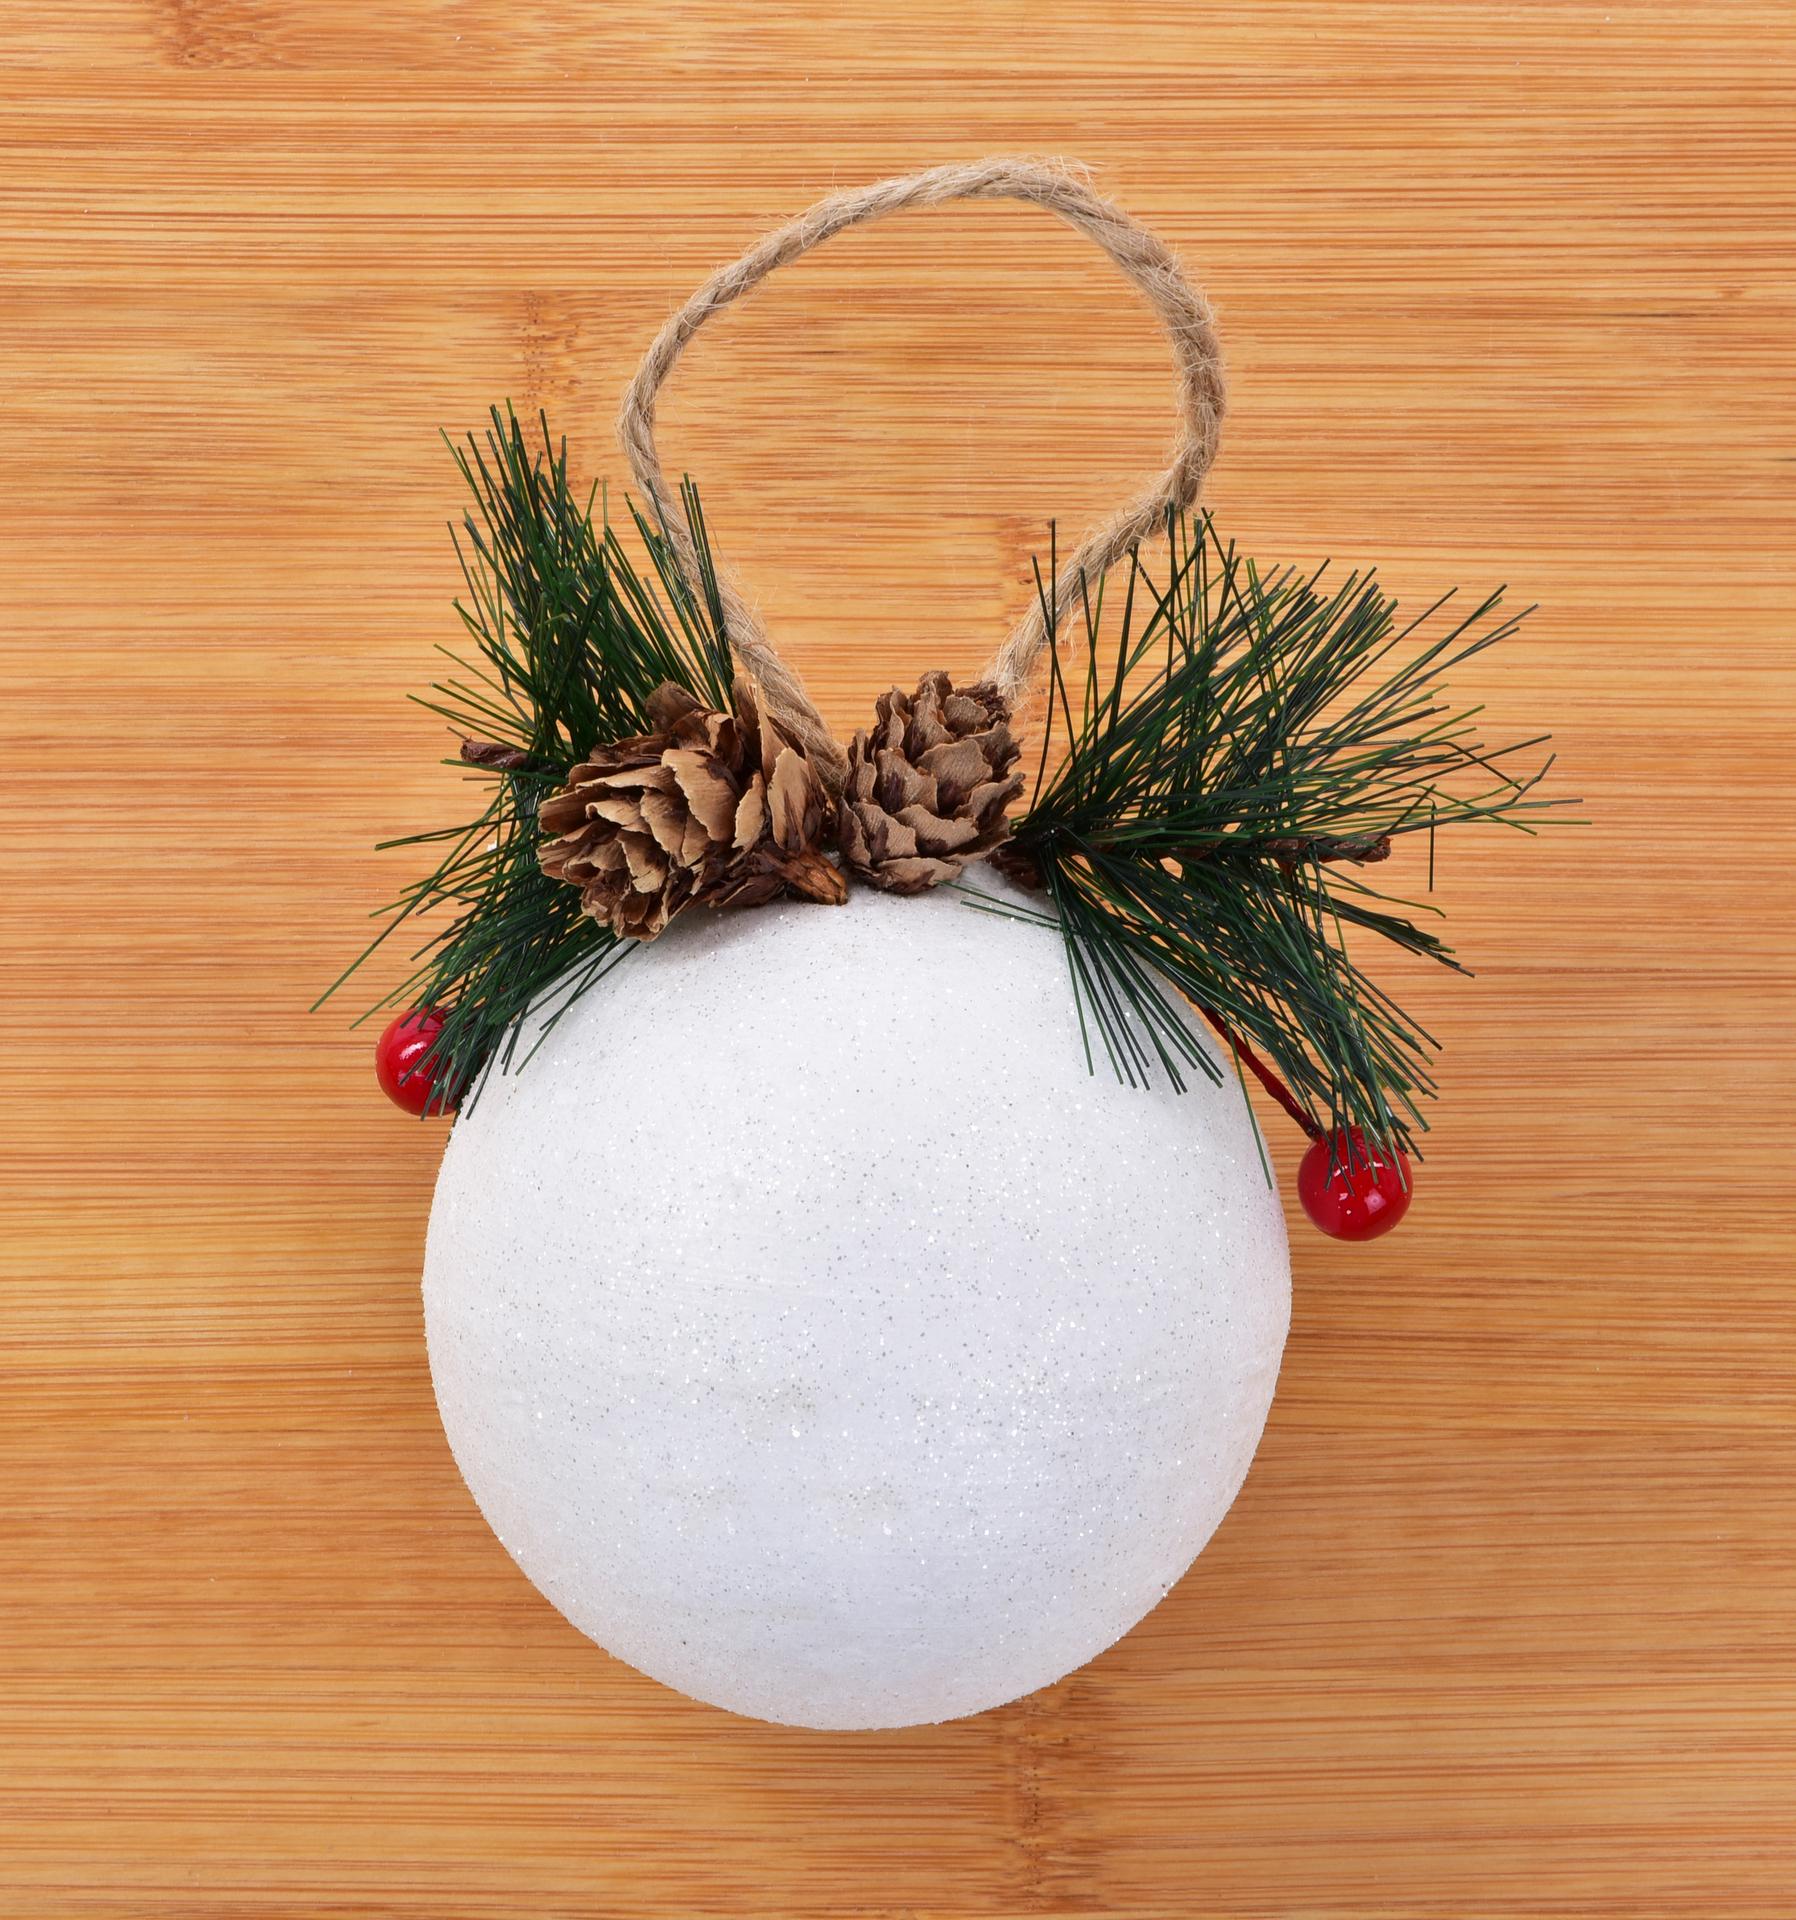 Bílá vánoční koule se šiškou a zelenou větvičkou